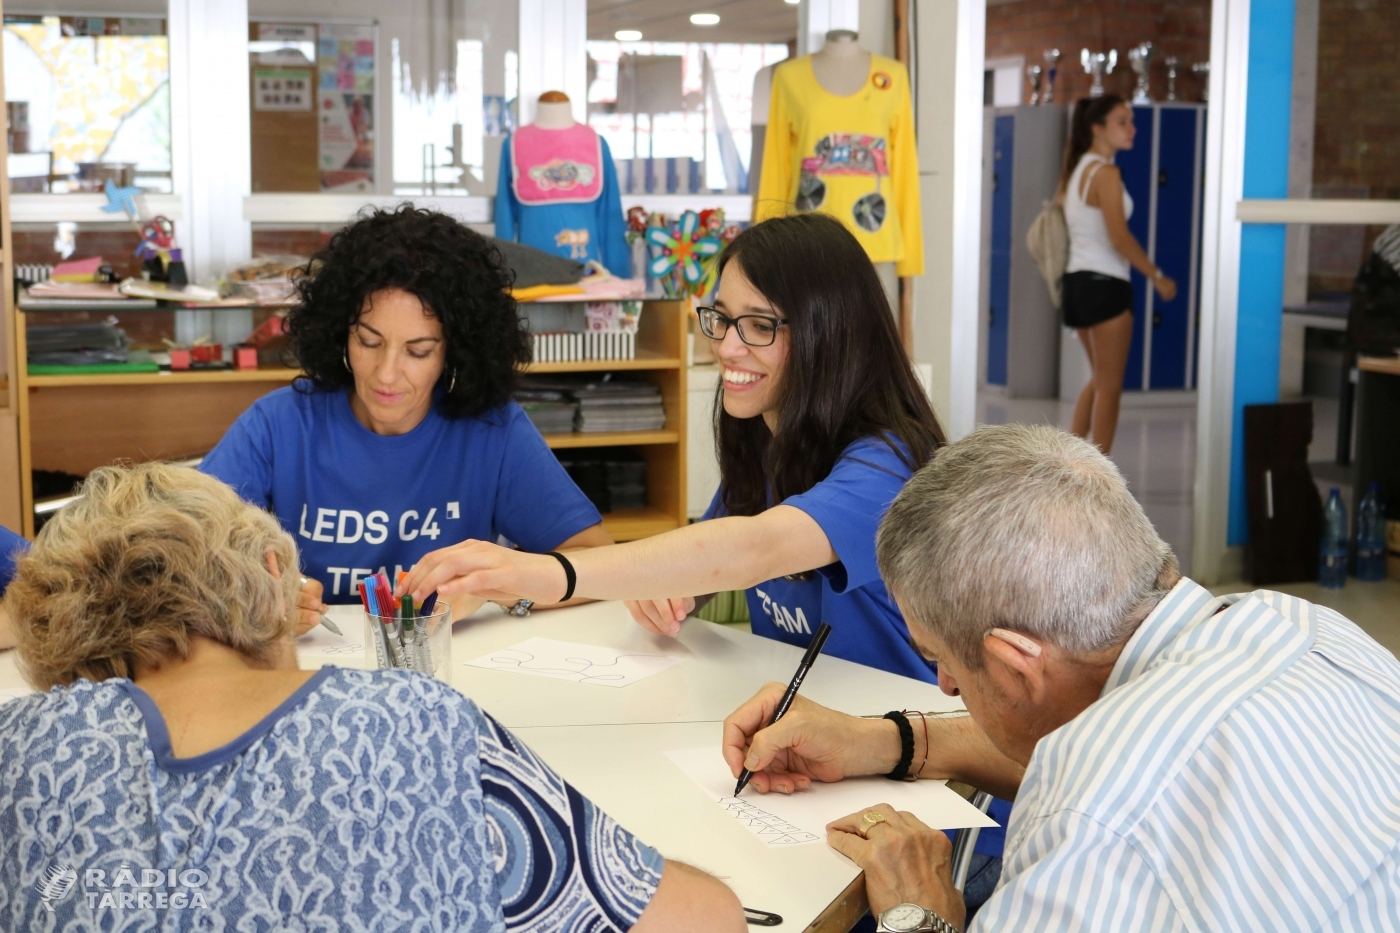 La companyia internacional LEDS C4 realitza una jornada de voluntariat corporatiu amb les persones del Grup Alba